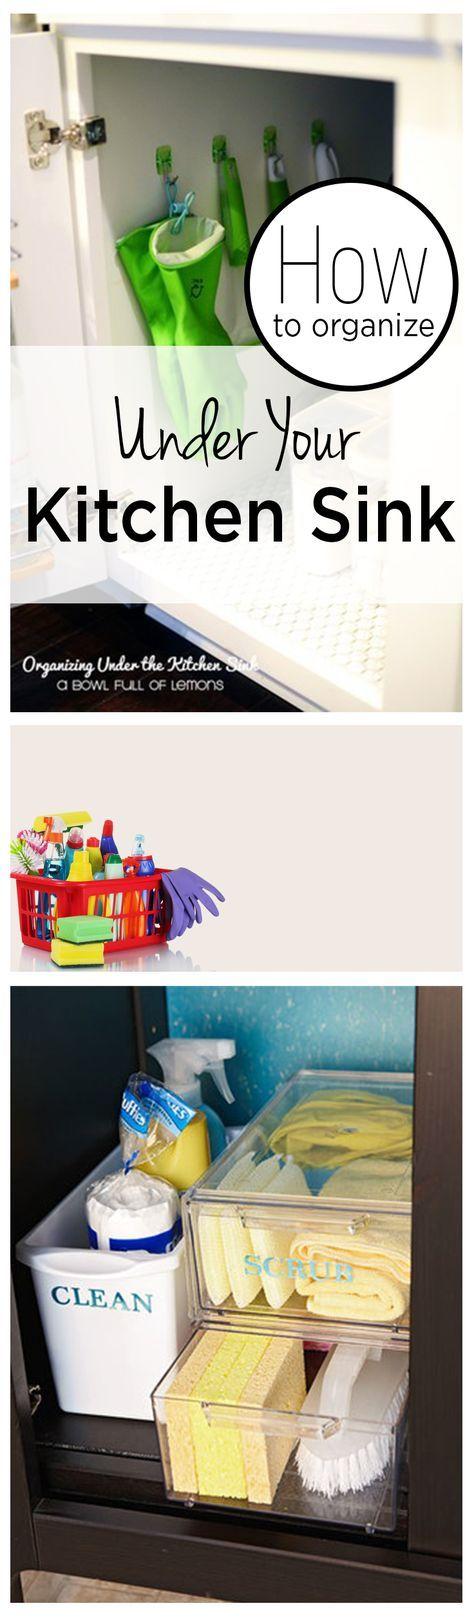 Kitchen sink, kitchen sink organization, popular pin, home organization, home organization tips, cleaning, cleaning tips, cleaning hacks, easy cleaning tips.